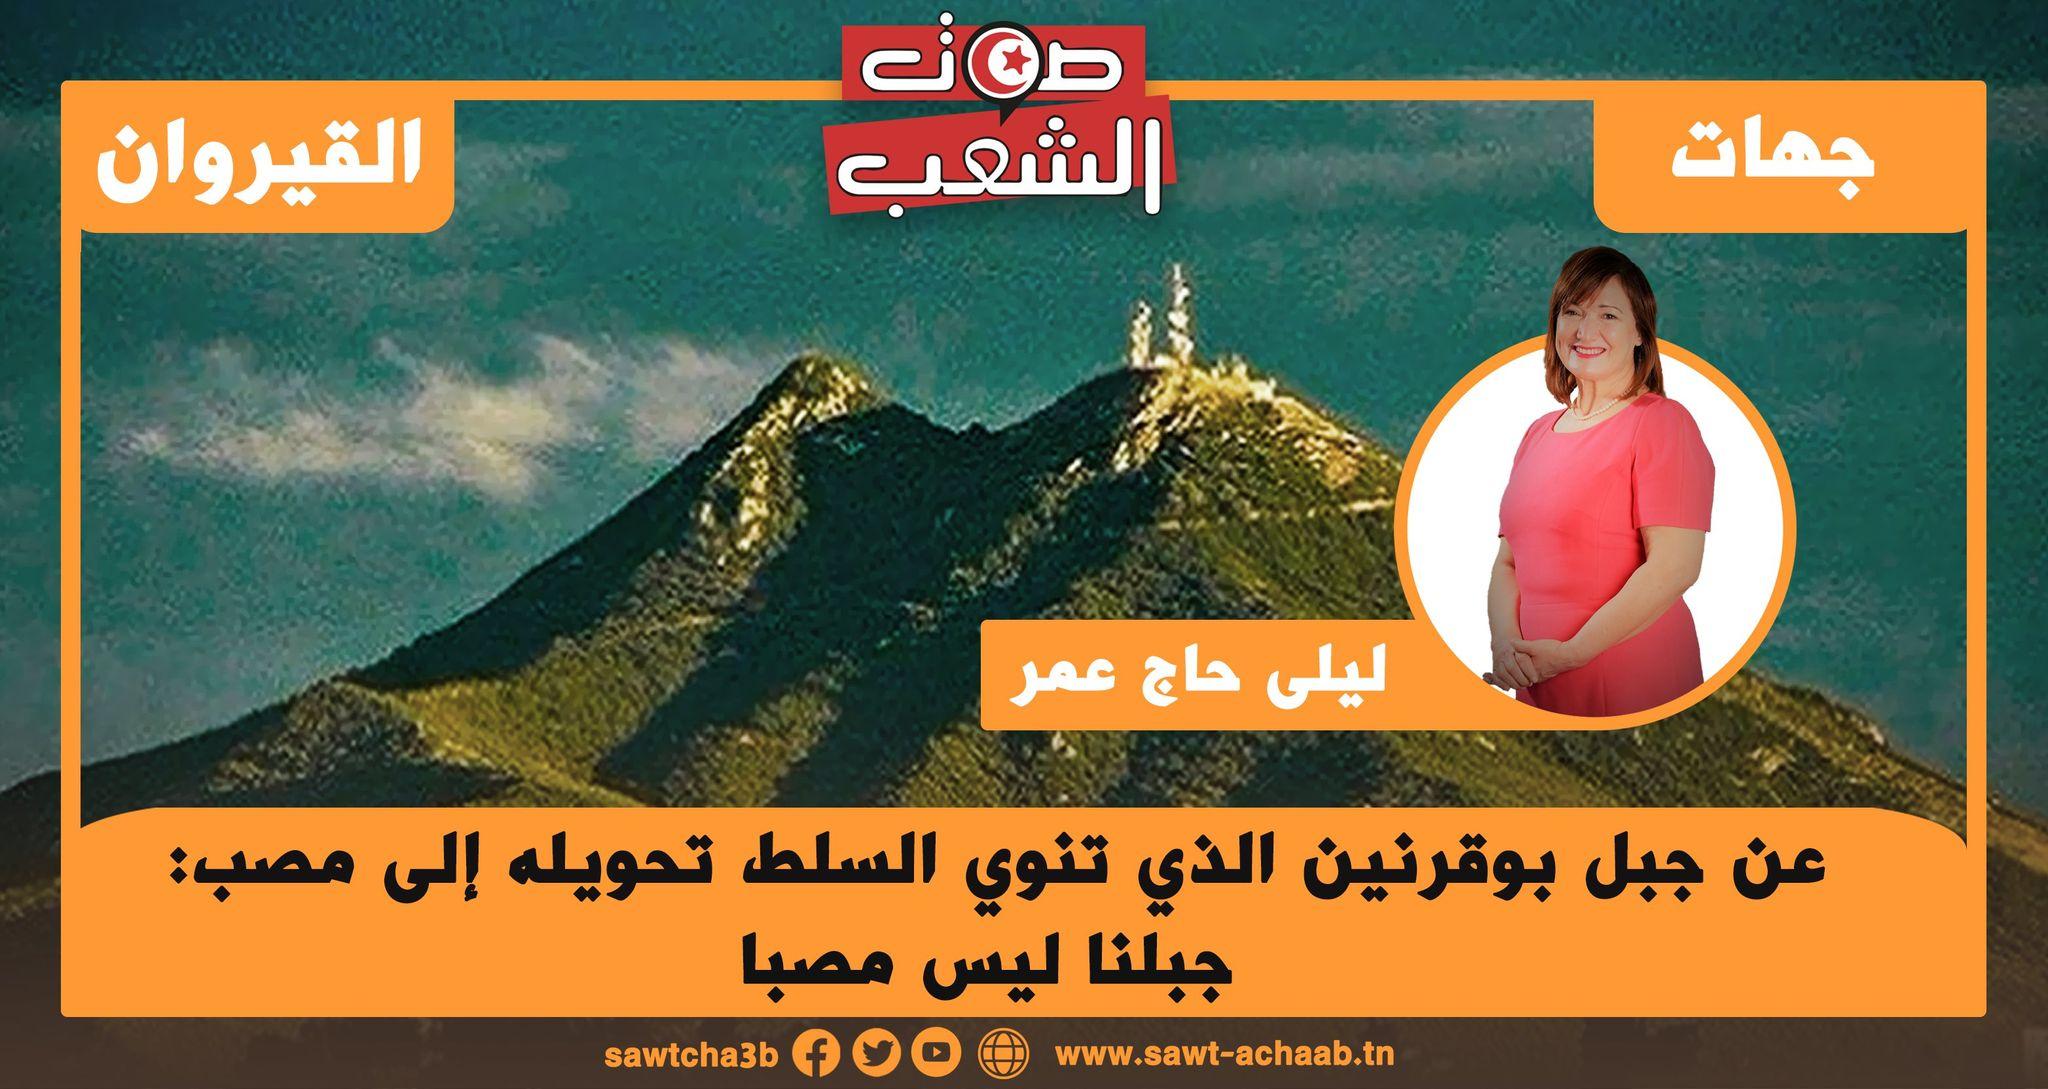 كتبت ليلى حاج عمر: عن جبل بوقرنين الذي تنوي السلط تحويله إلى مصب